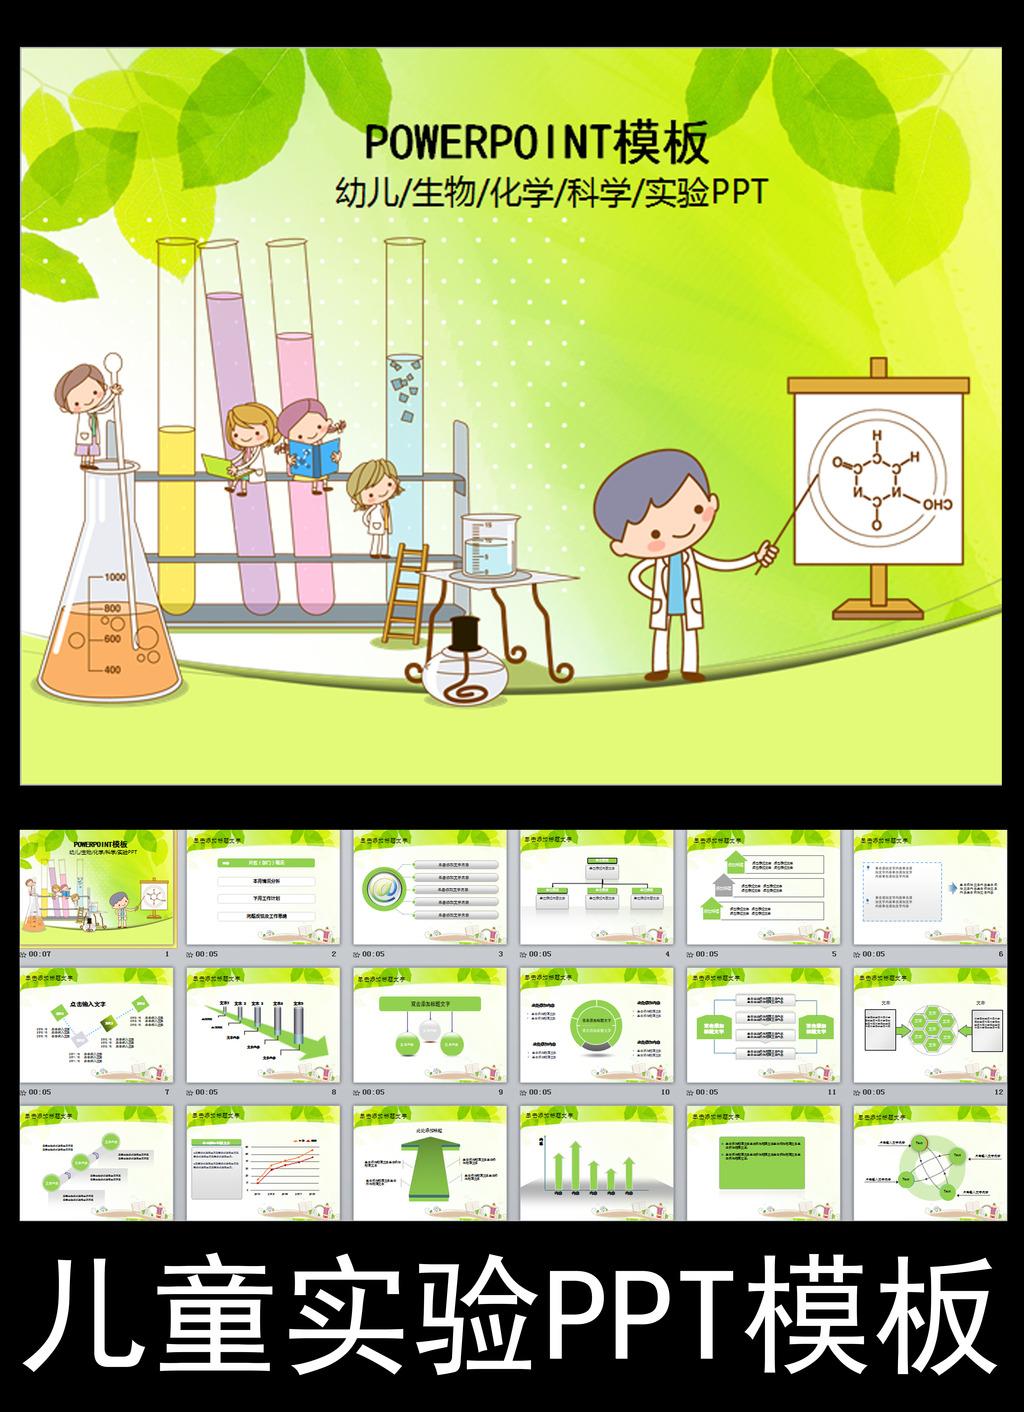 儿童生物化学科学实验报告动态ppt模板模板下载(图片图片